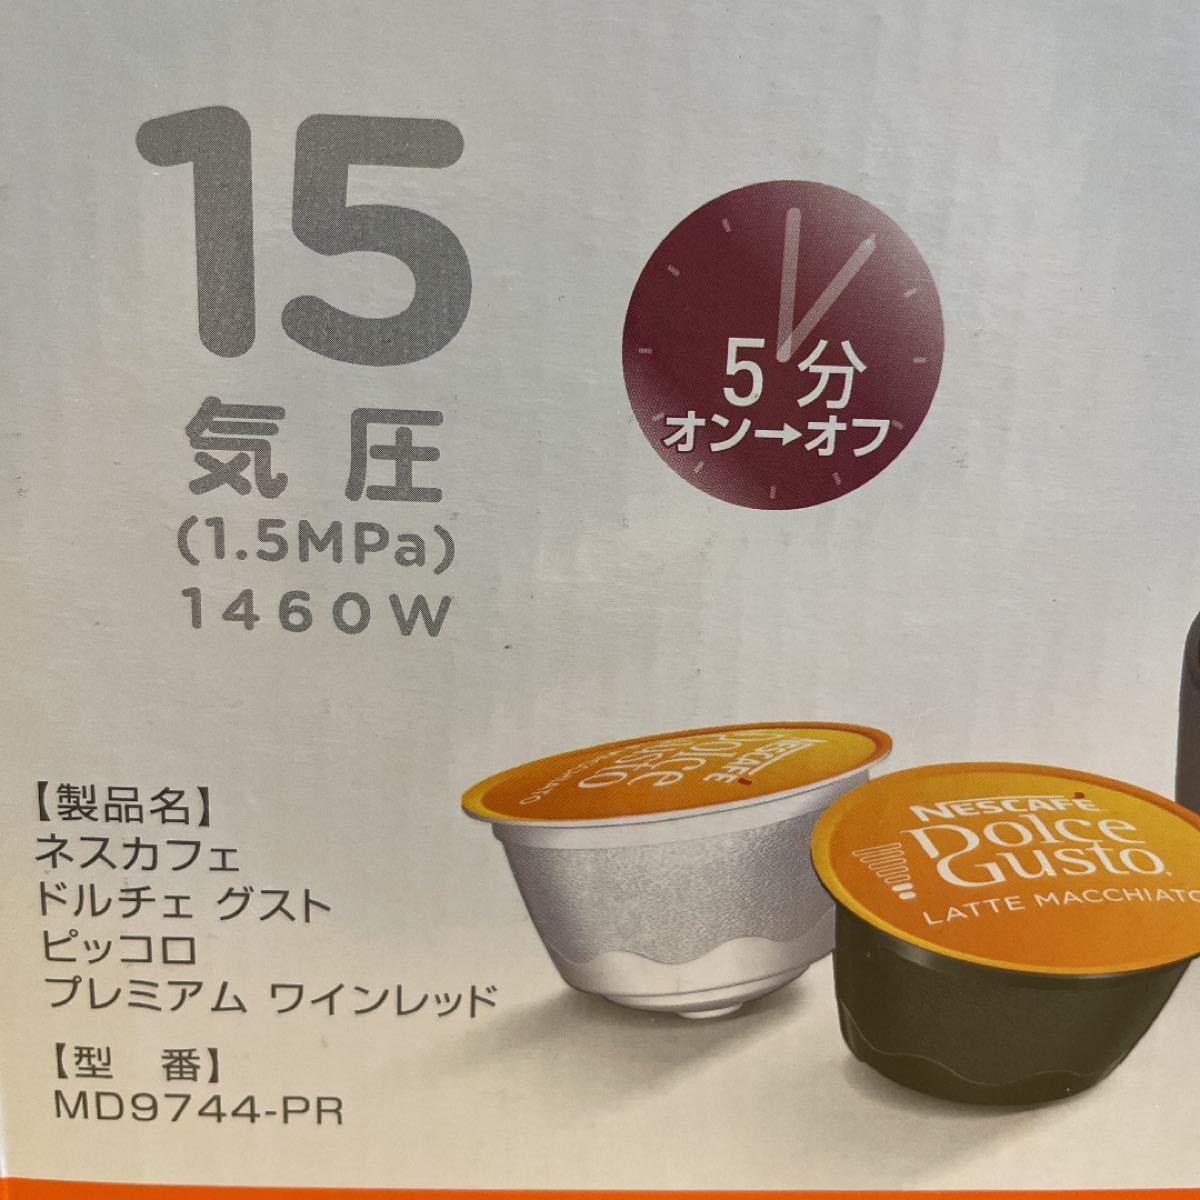 【土日限定値引き】ネスカフェ ドルチェグスト ピッコロプレミアム MD9744-PR (ワインレッド)